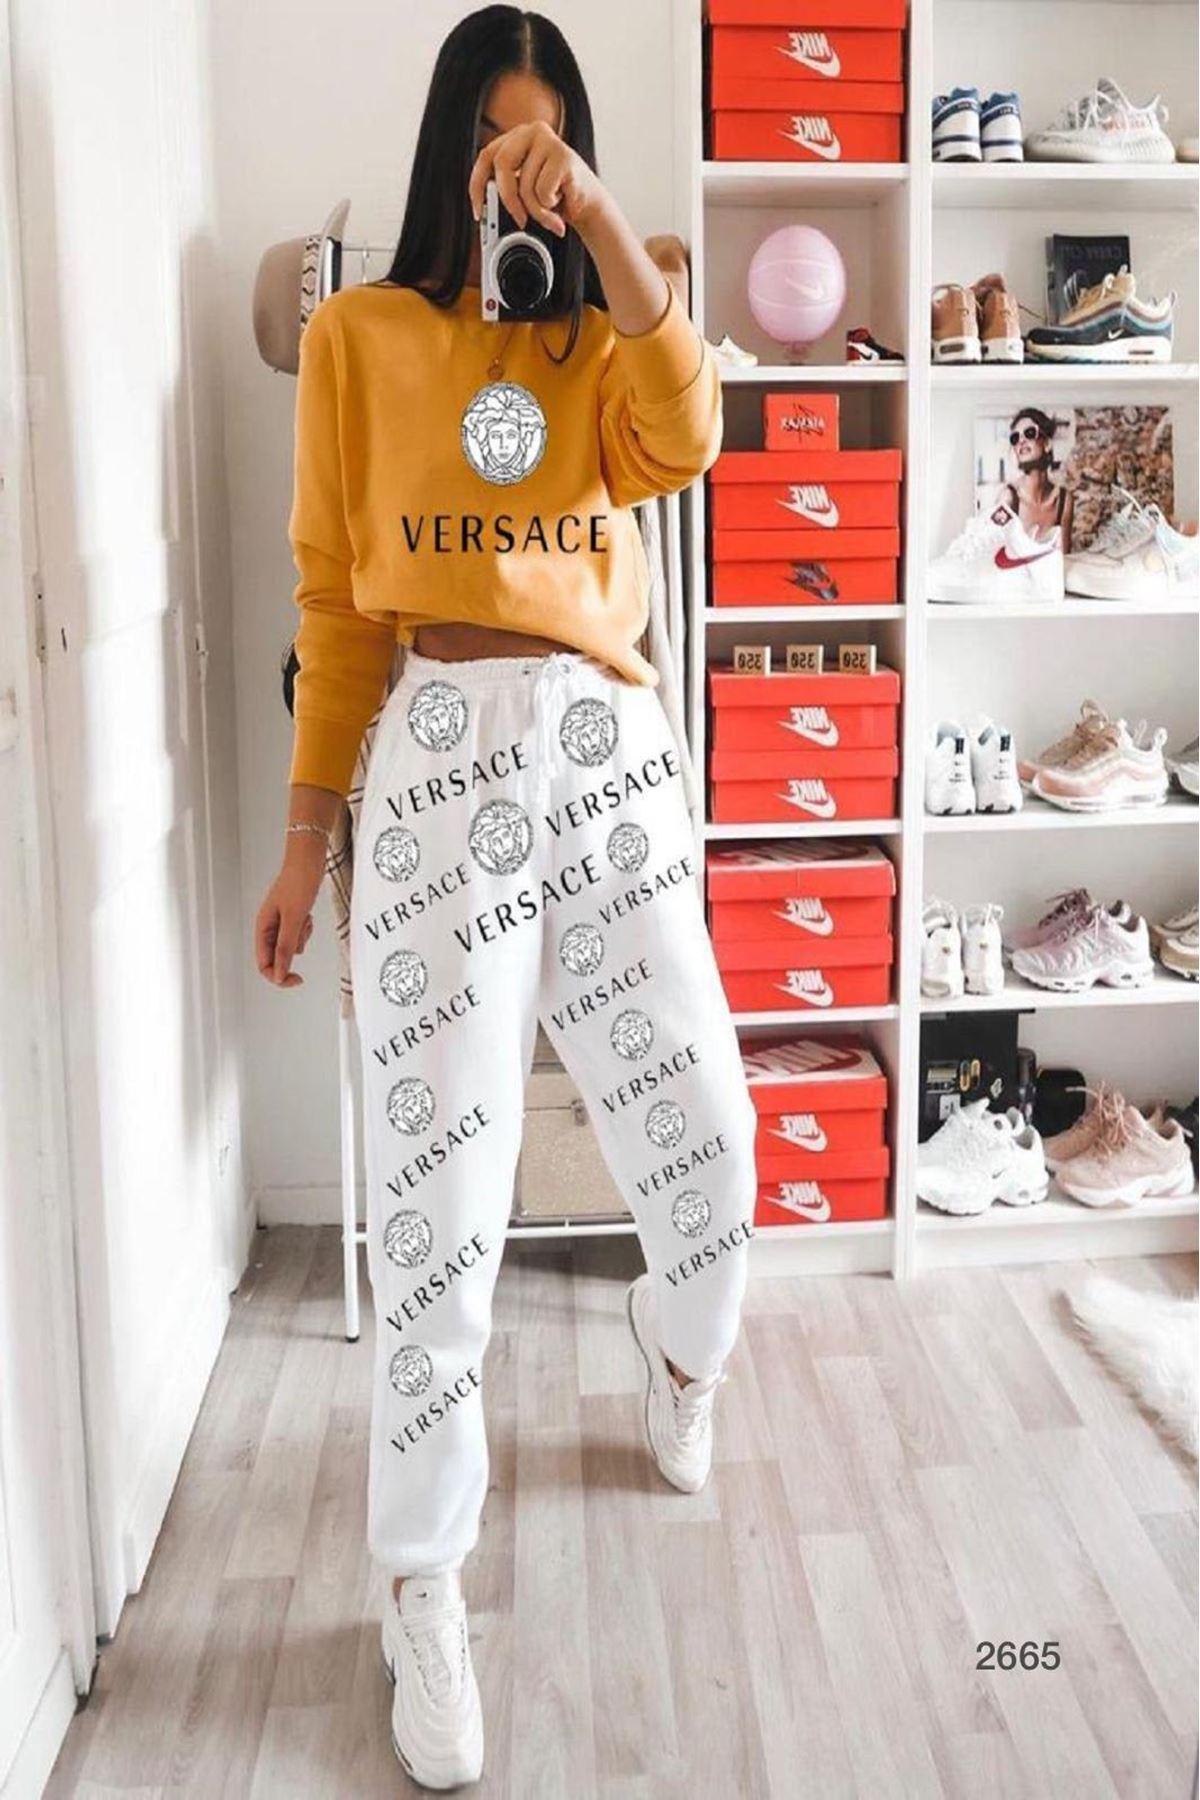 Dijital Versace Baskılı ikili Takım - hardal